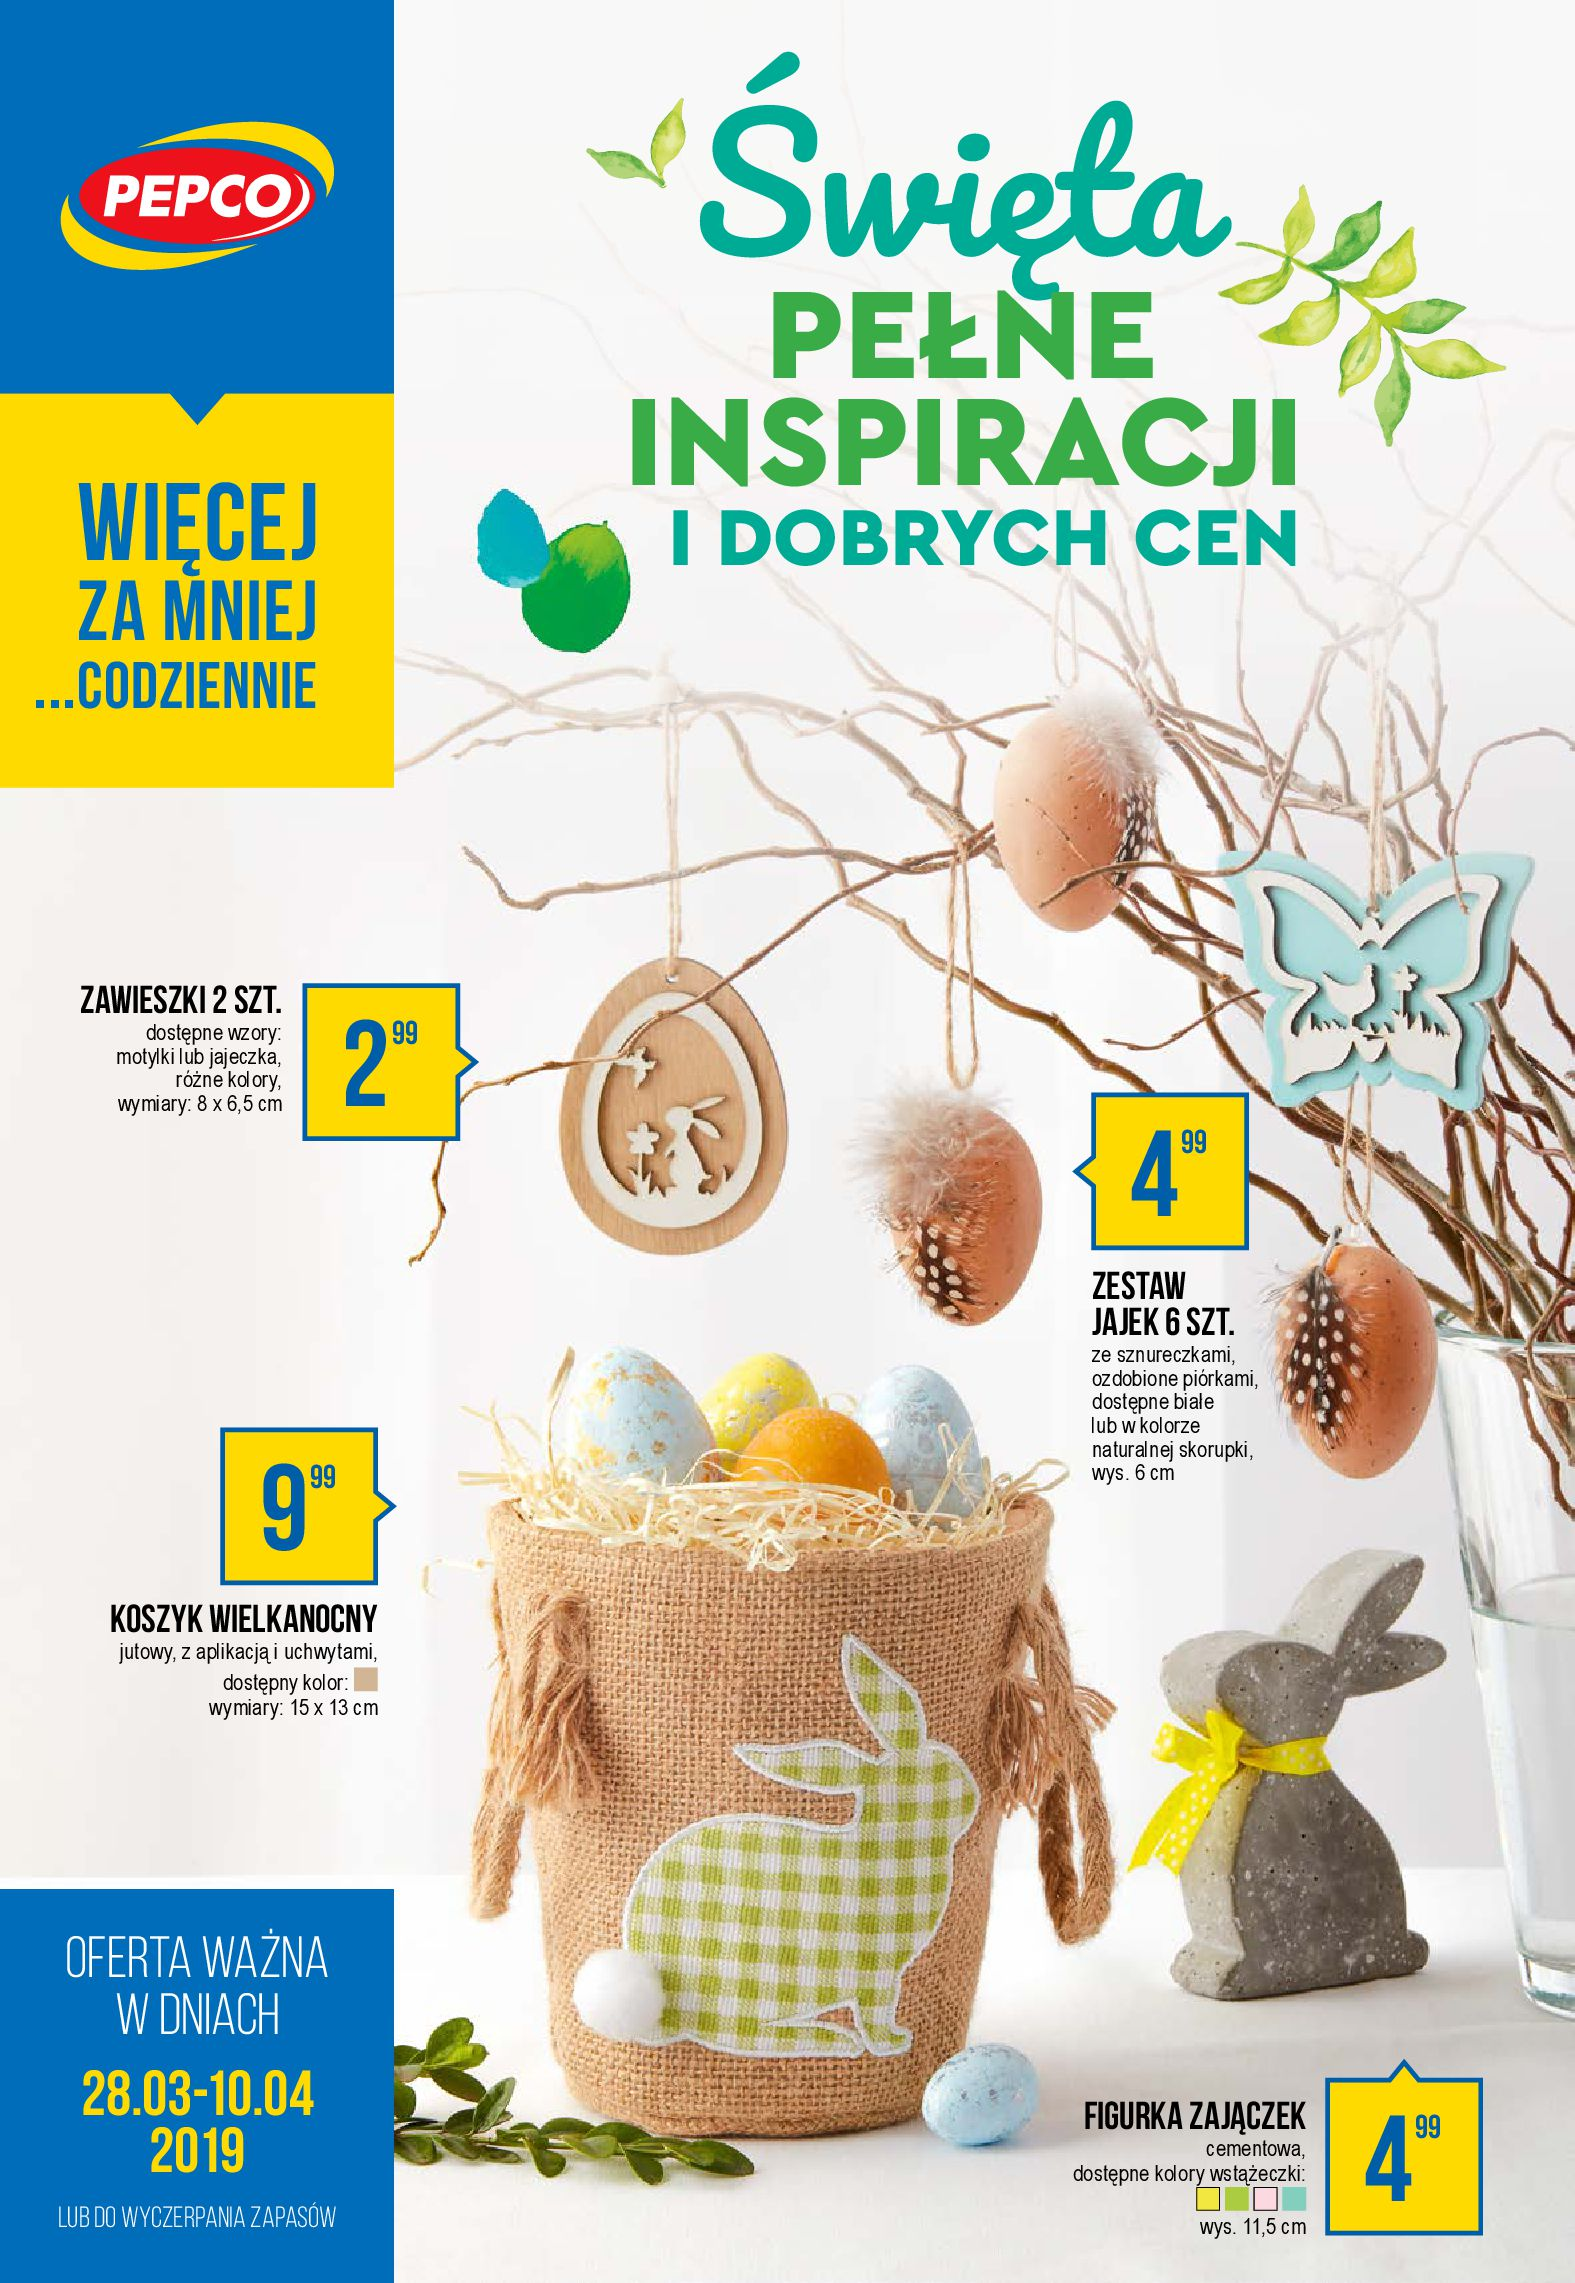 Gazetka Pepco - Święta pełne inspiracji i dobrych cen-27.03.2019-10.05.2019-page-